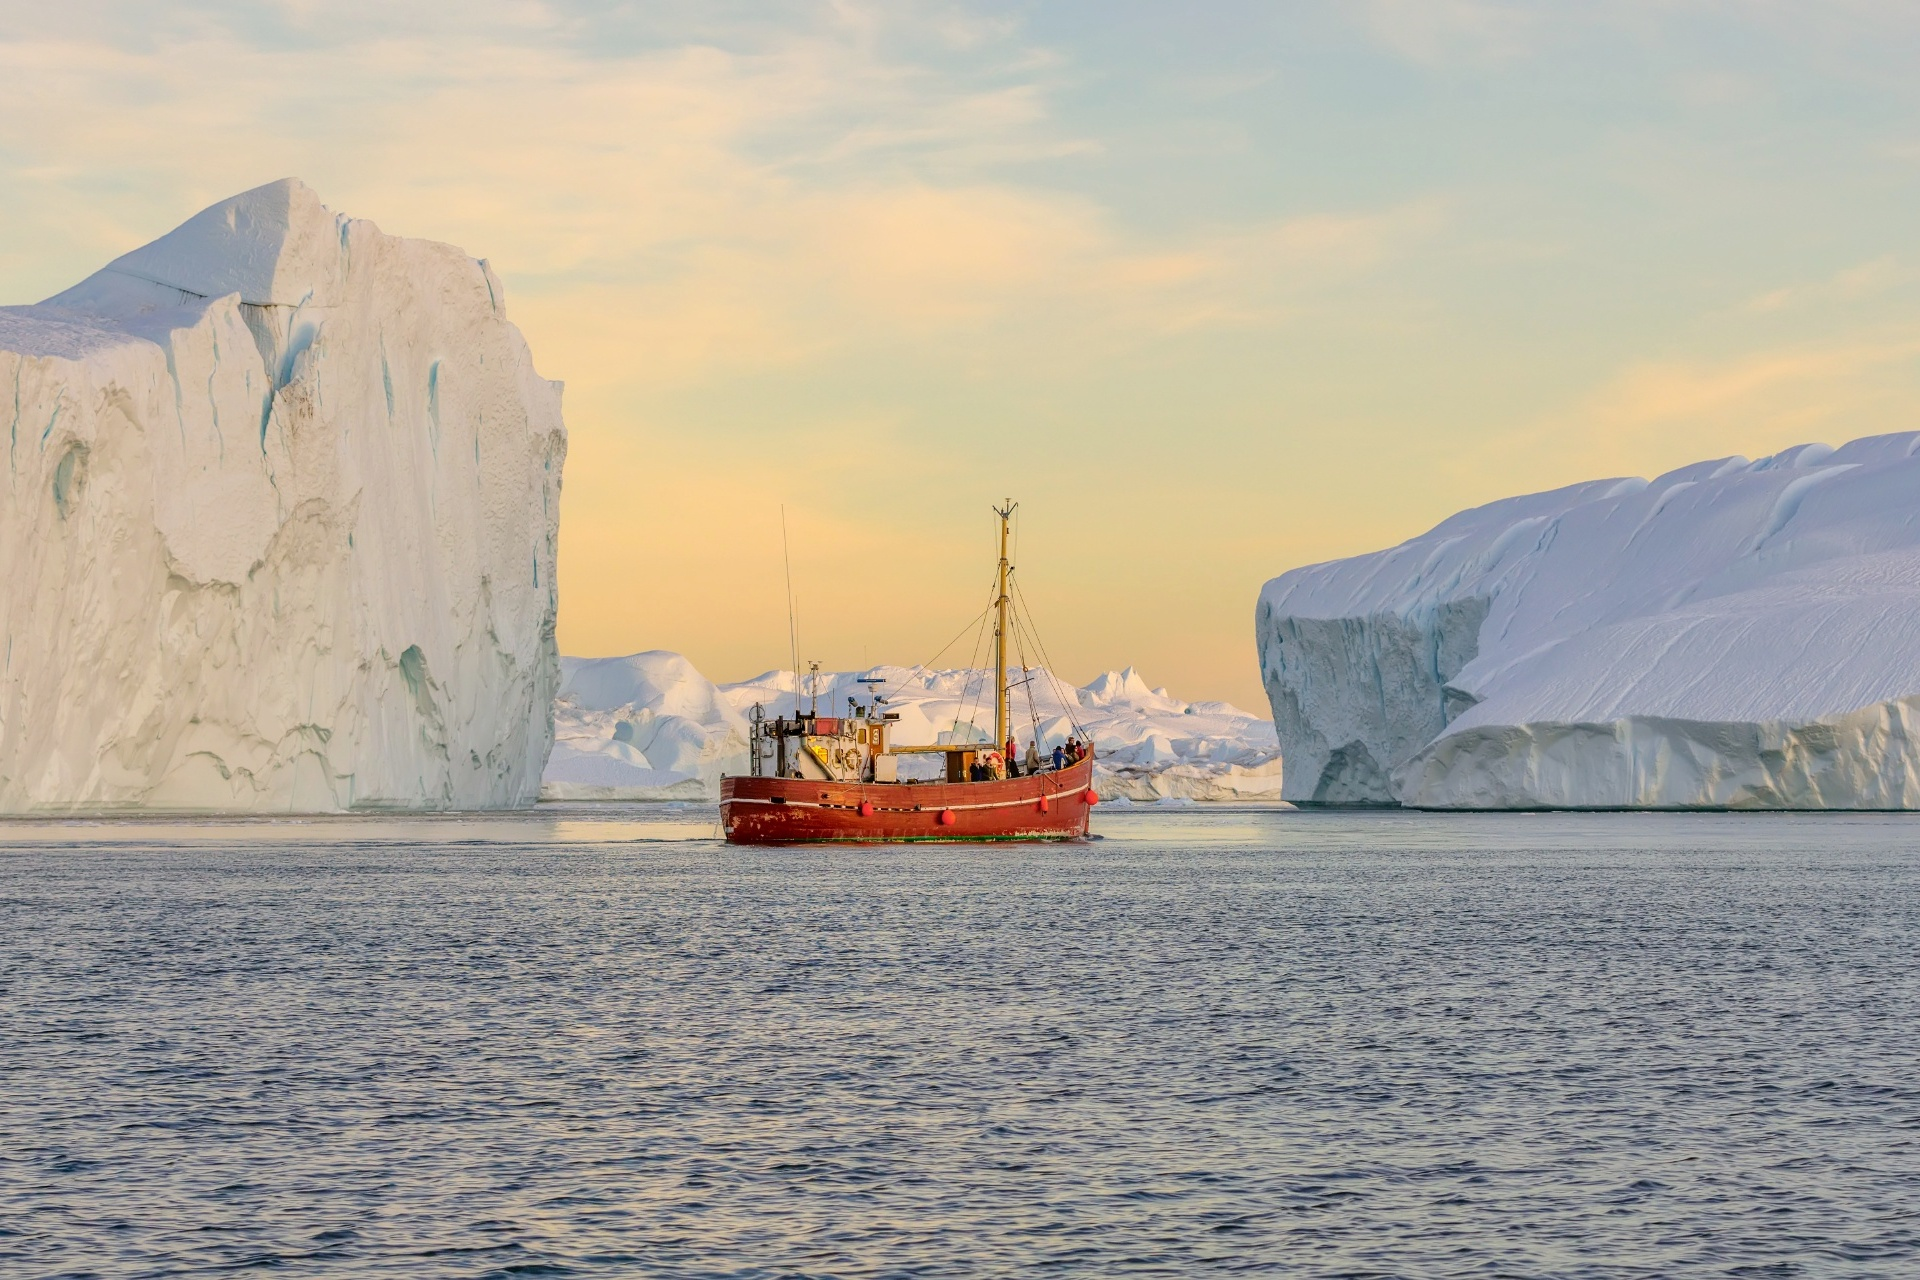 グリーンランドの西側ディスコベイに浮かぶヤコブスハウン氷河から流れ出た氷山